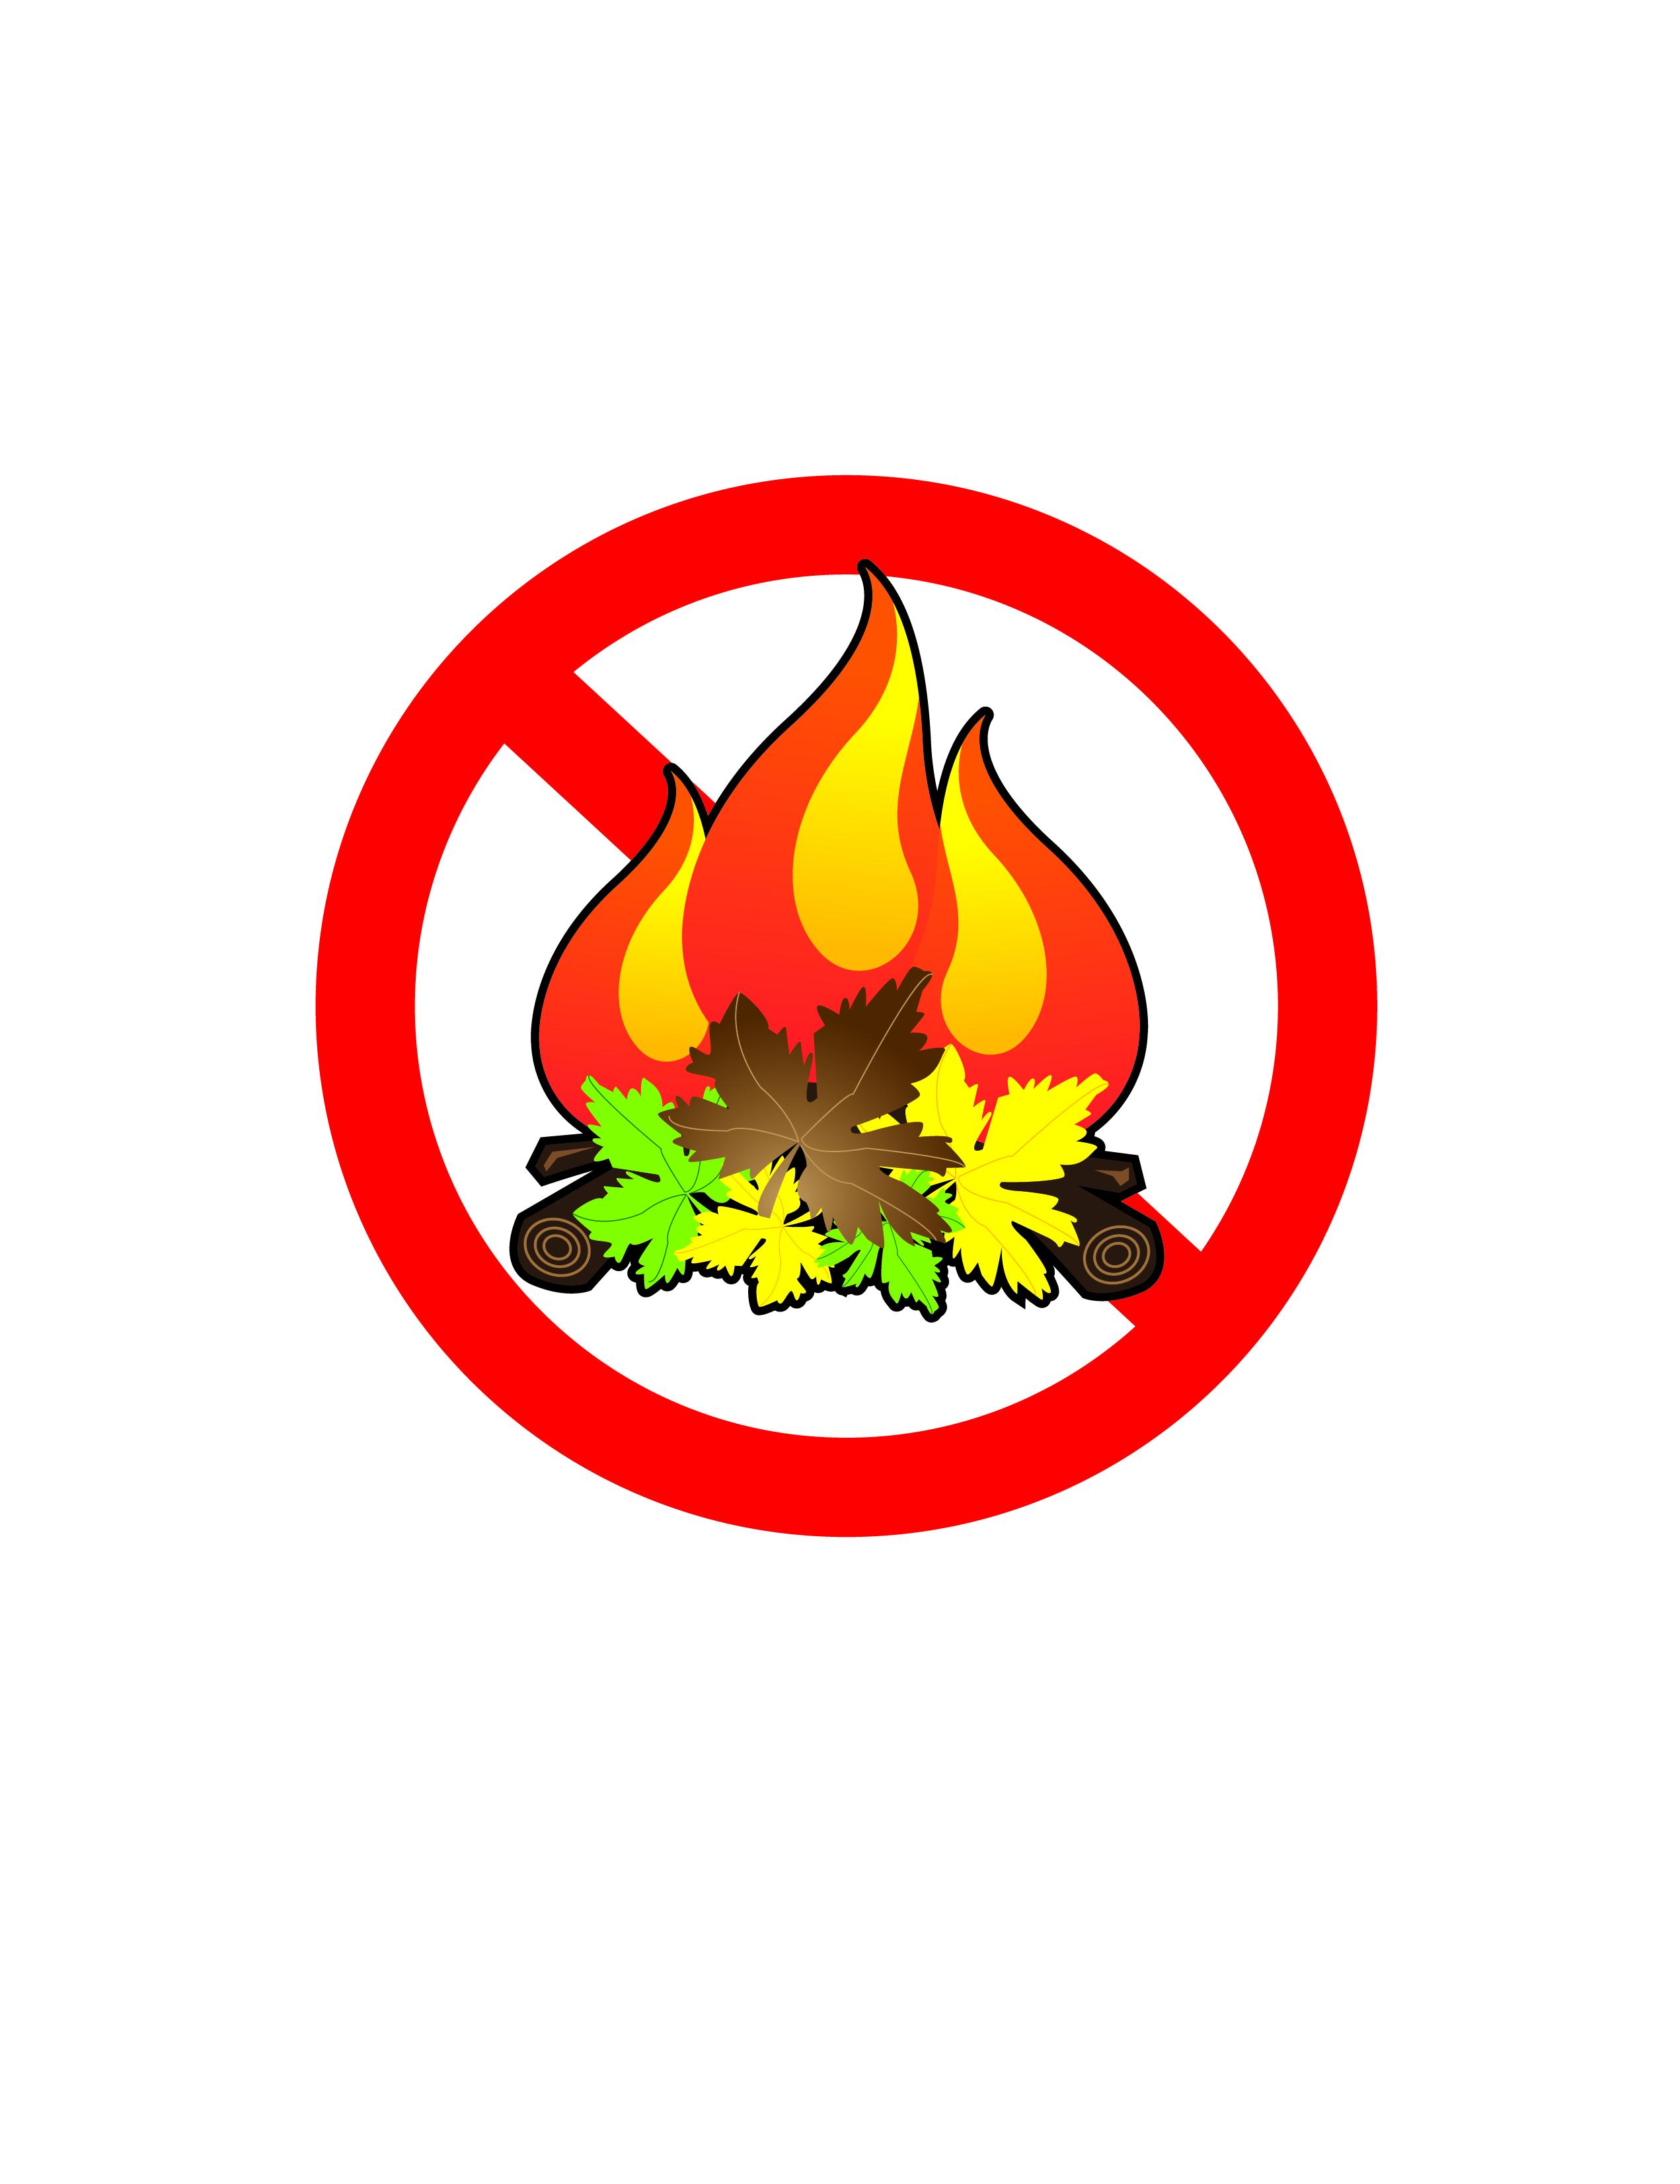 No burn sign clipart.